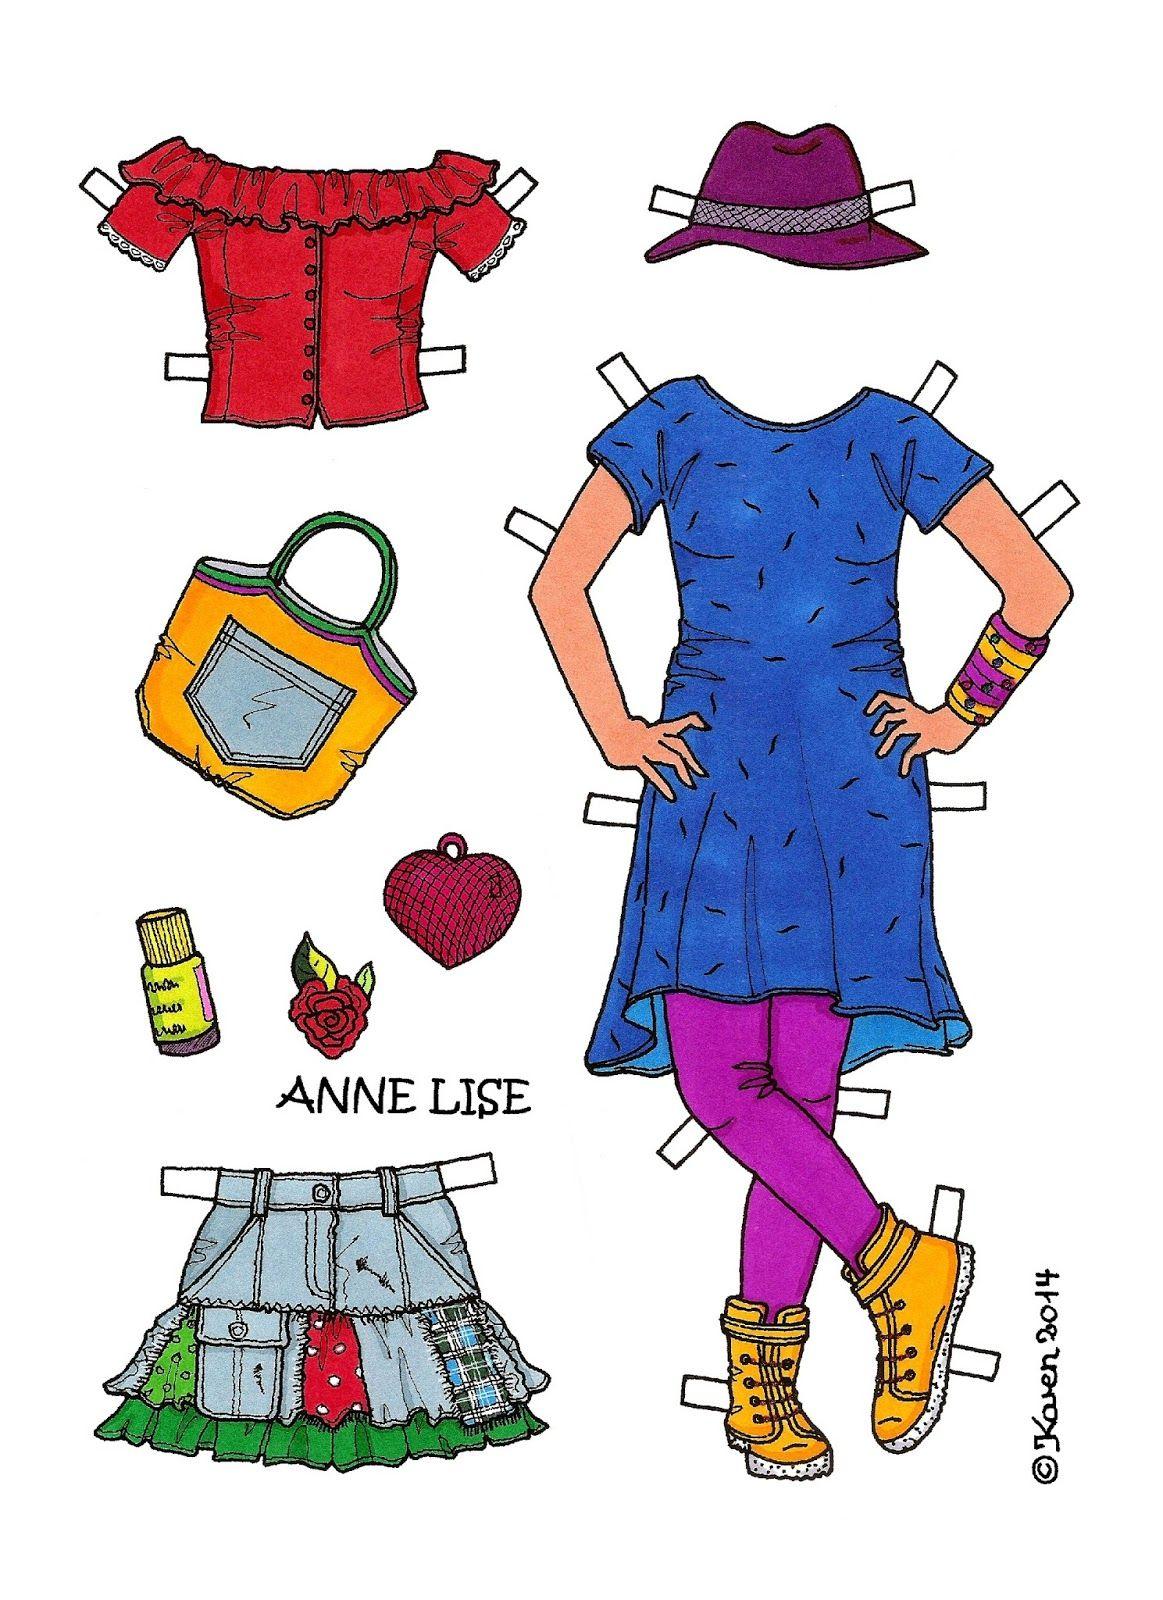 ANNE LISE from Karen's Paper Dolls  4 of 5